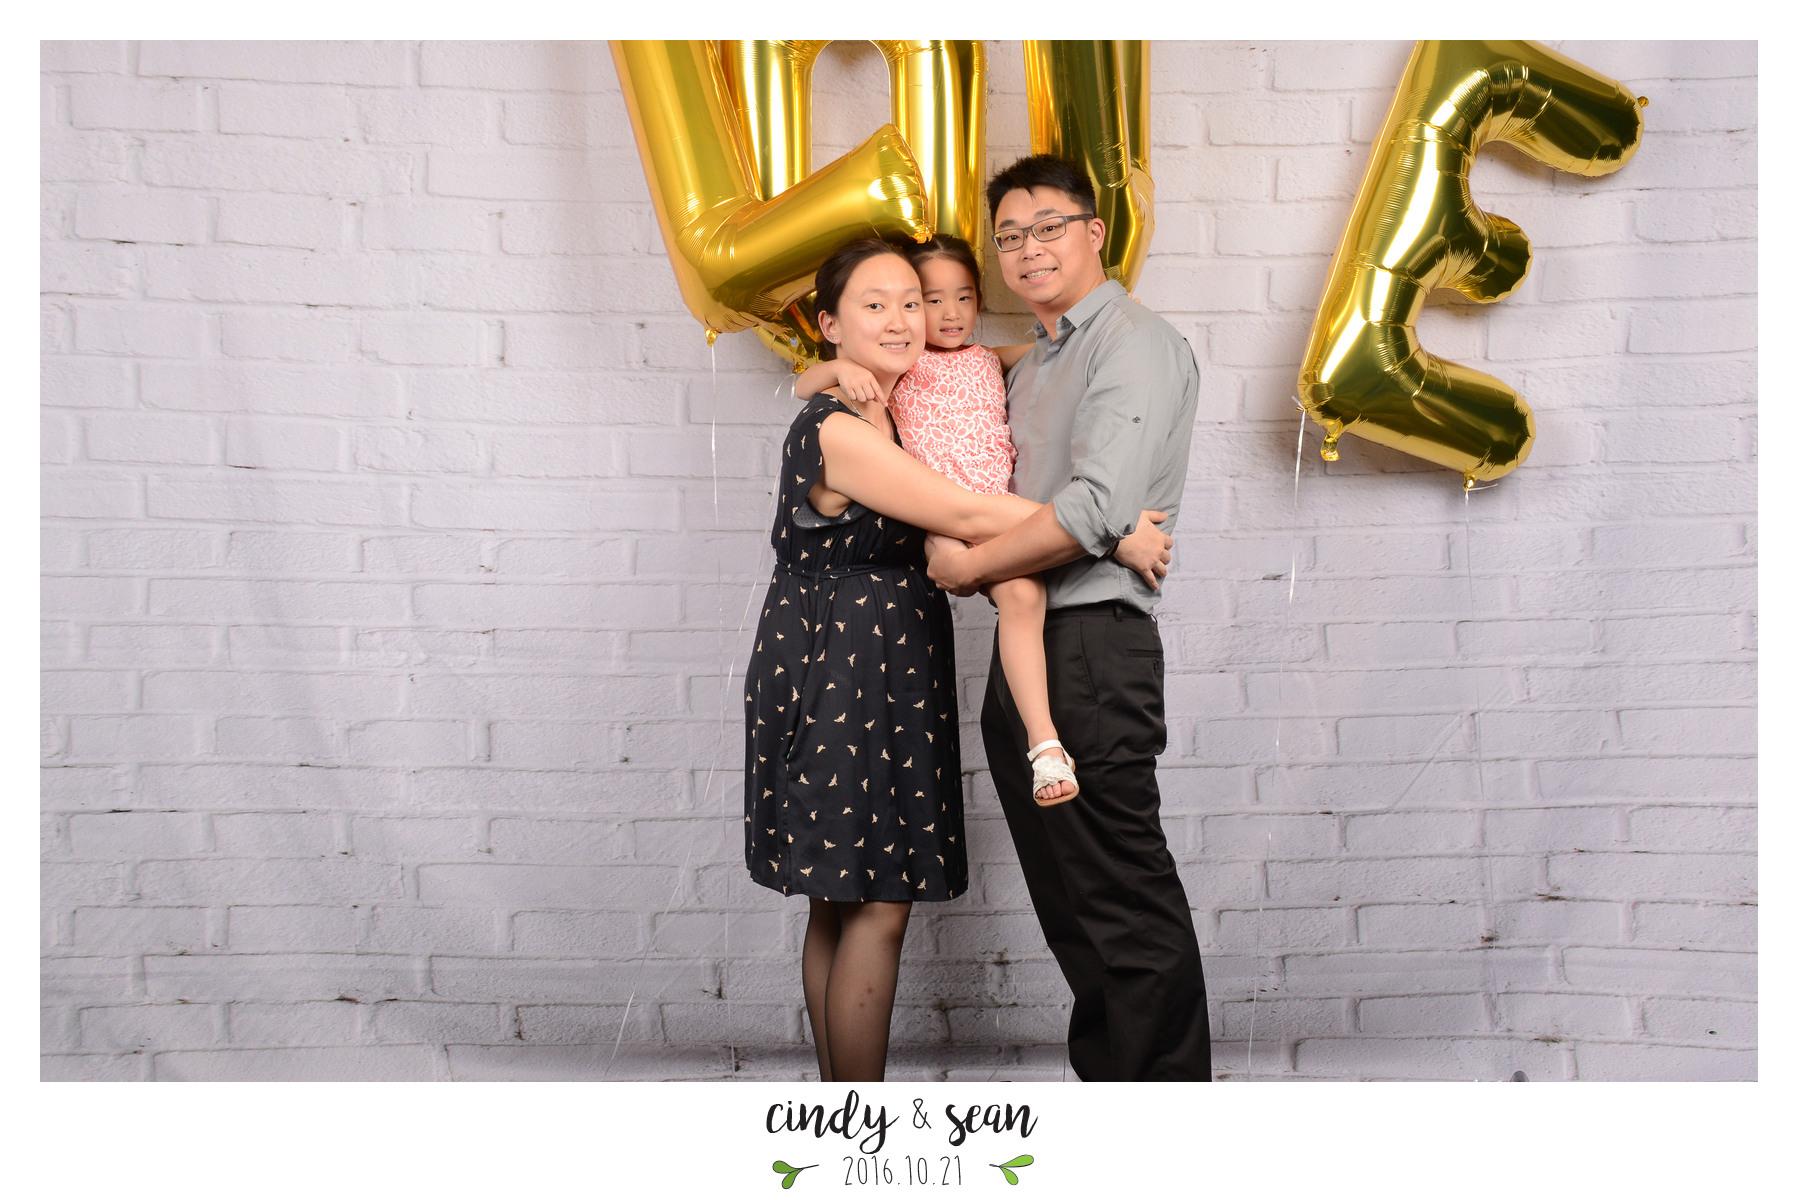 Cindy Sean Bae - 0001-170.jpg